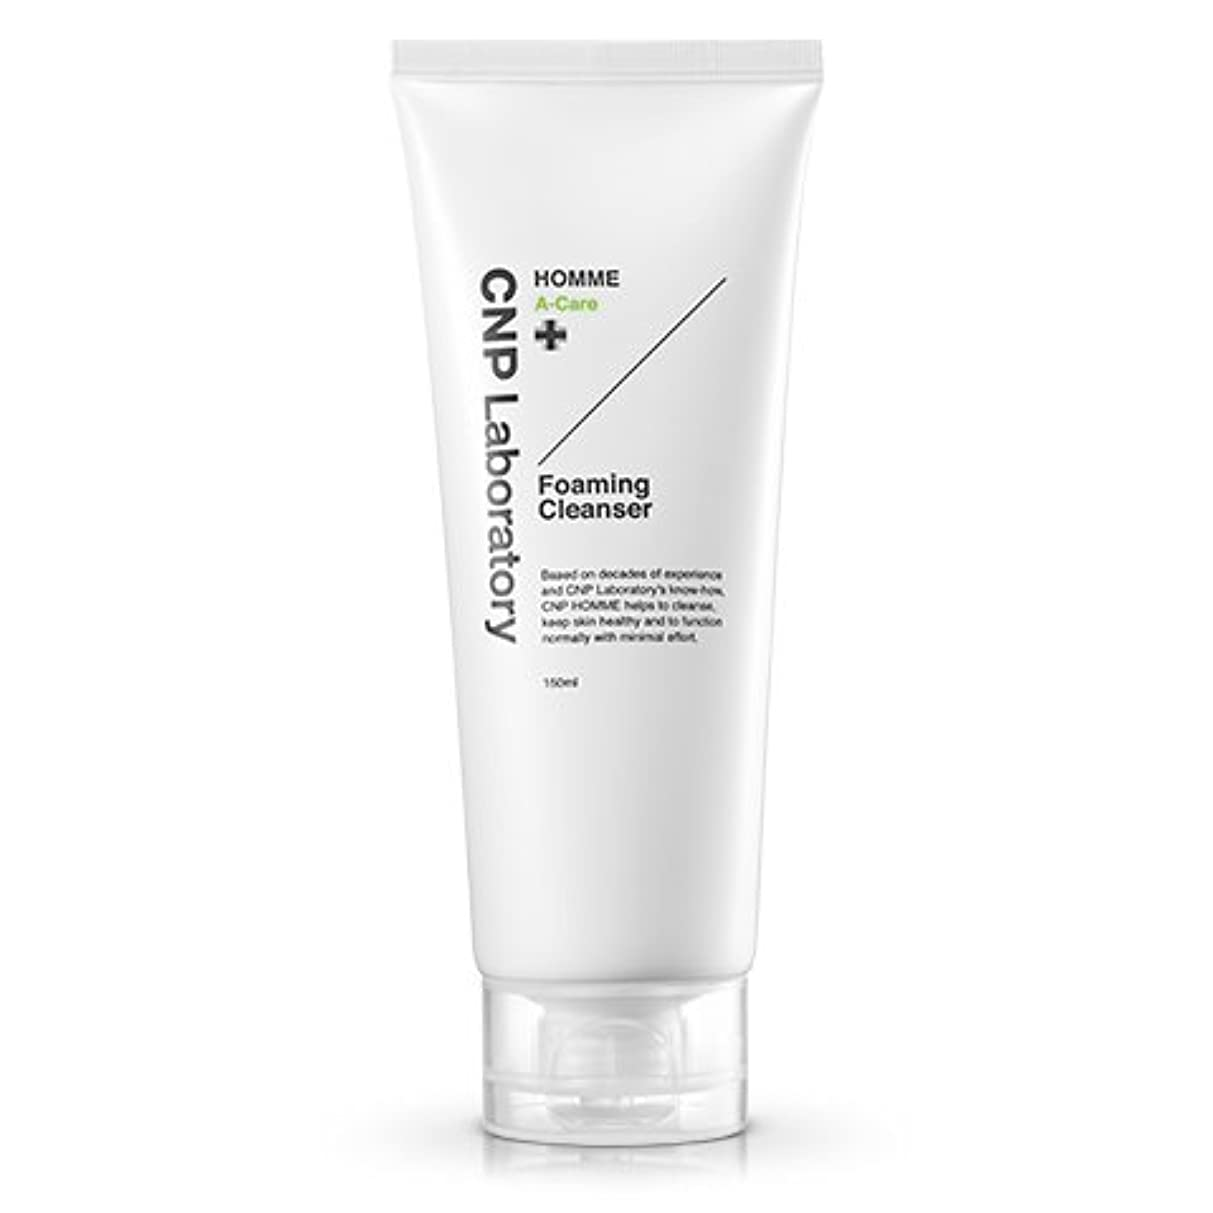 描く非公式甘いCNP Laboratory オムAケアフォーミングクレンザー/Homme A-Care Foaming Cleanser 150ml [並行輸入品]